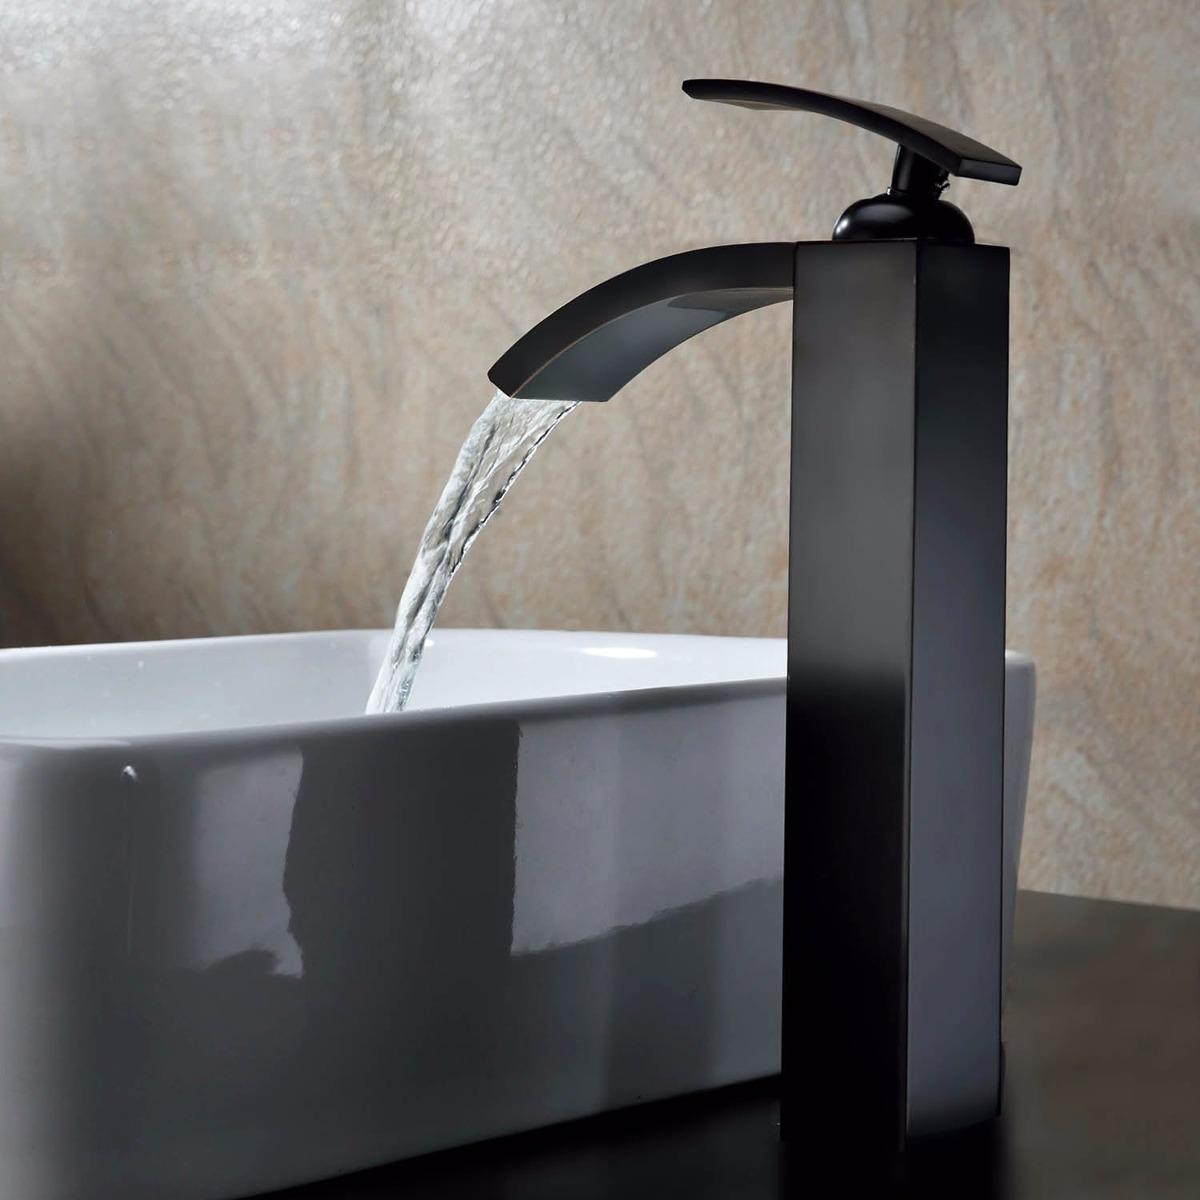 Llave ba o ba era lavabo estilo cascada monomando for Llaves para lavabo antiguas